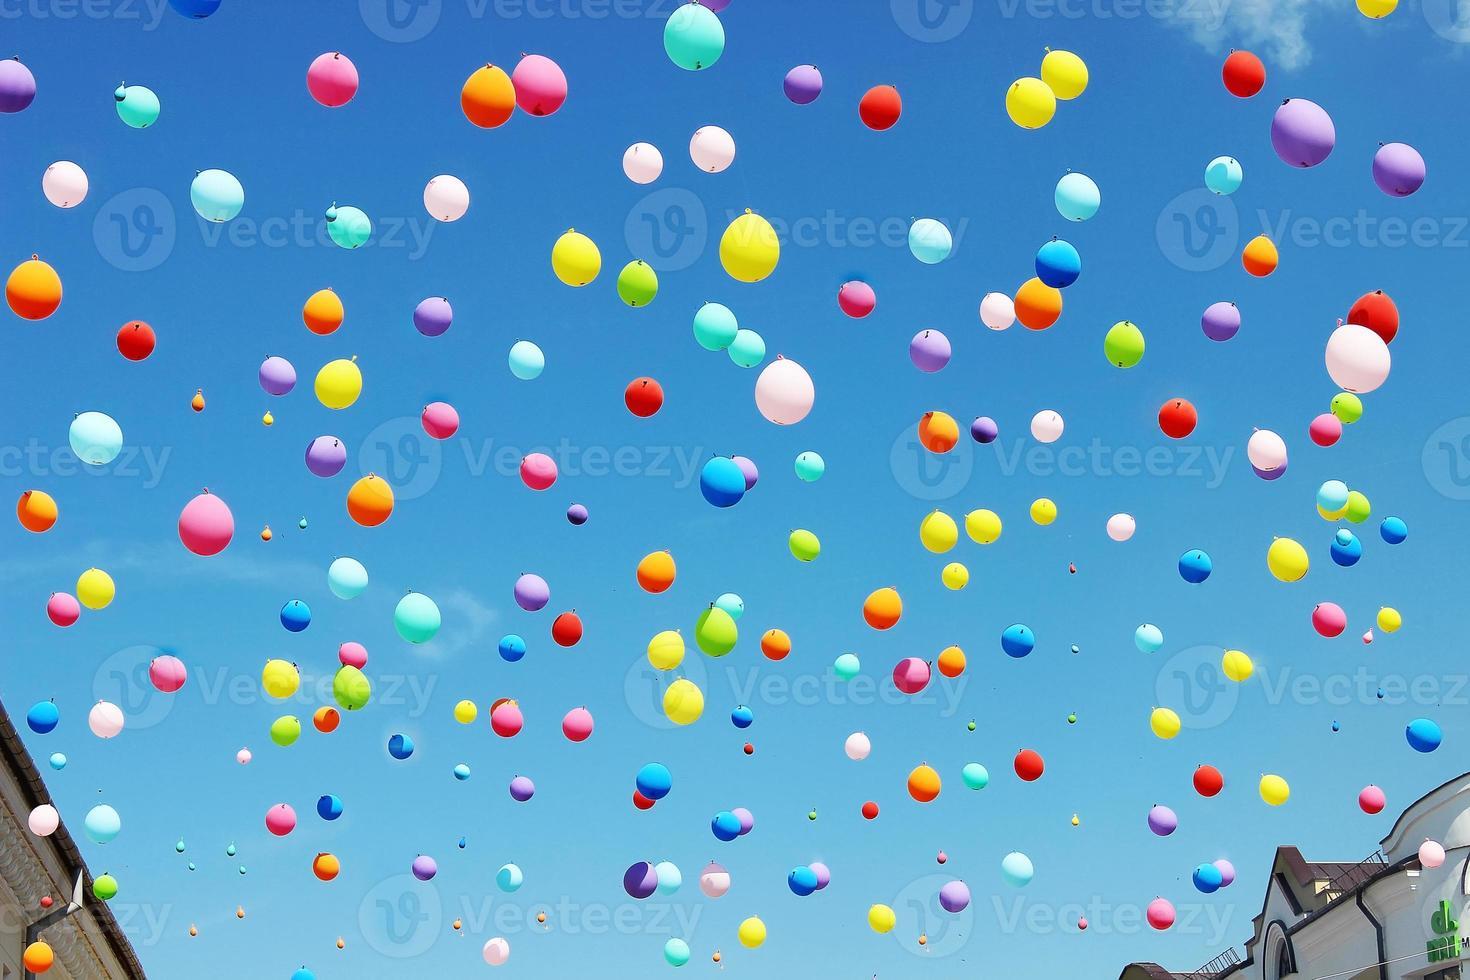 palloncini colorati sul cielo blu foto